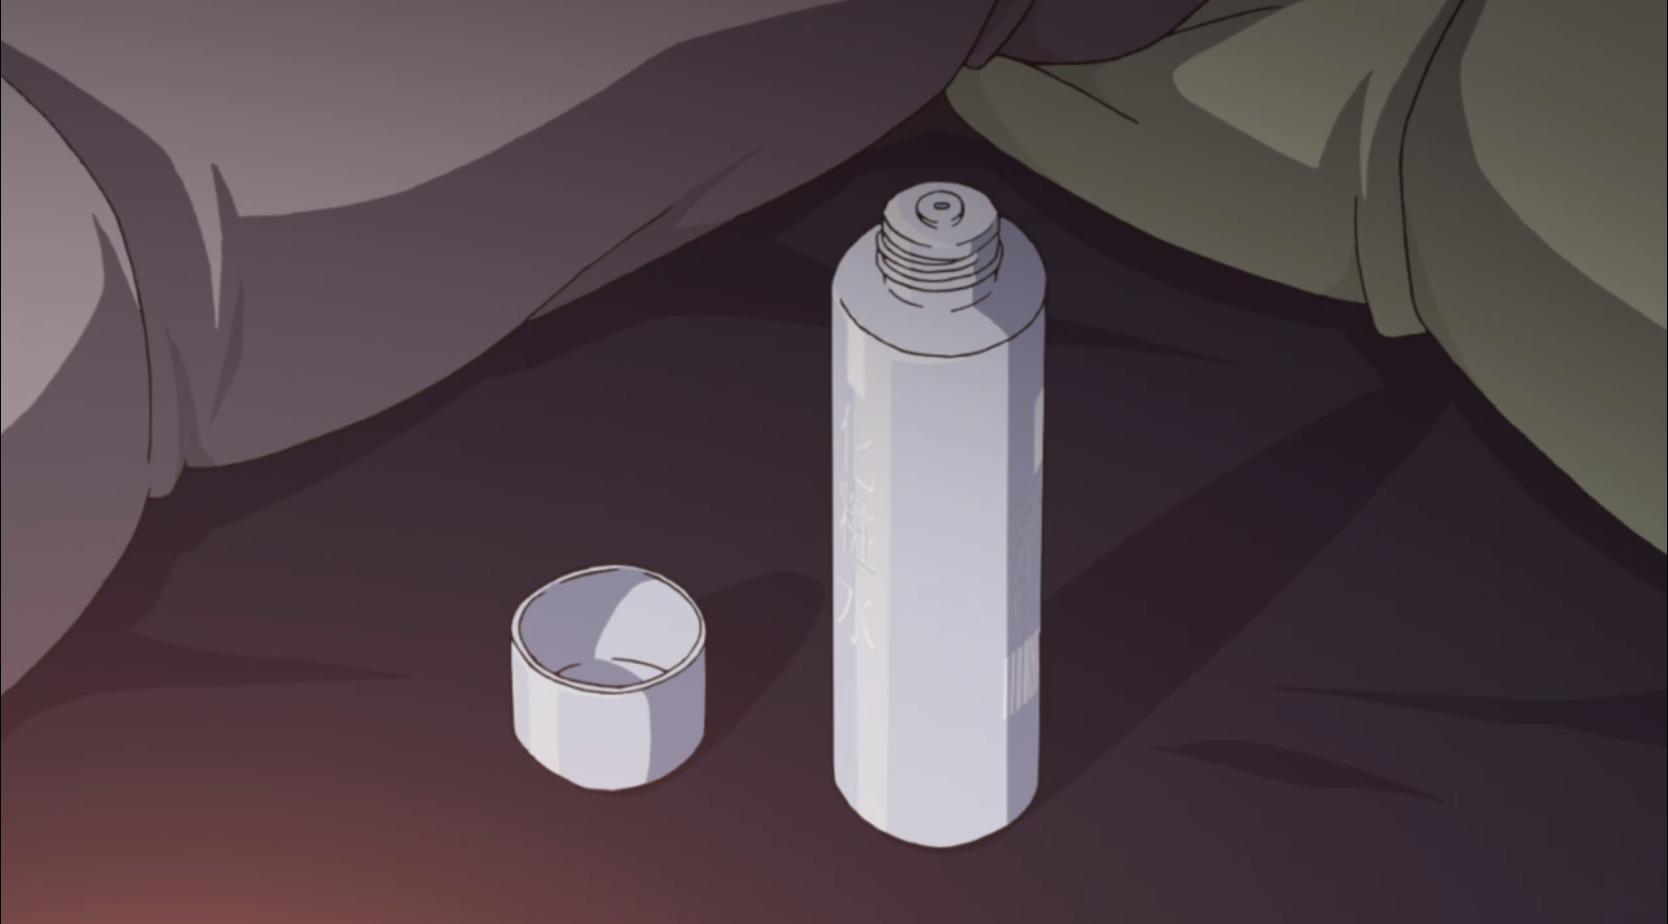 アニメ『ゆるキャン△』7話 の焚火は乾燥するから化粧水をつけましょう